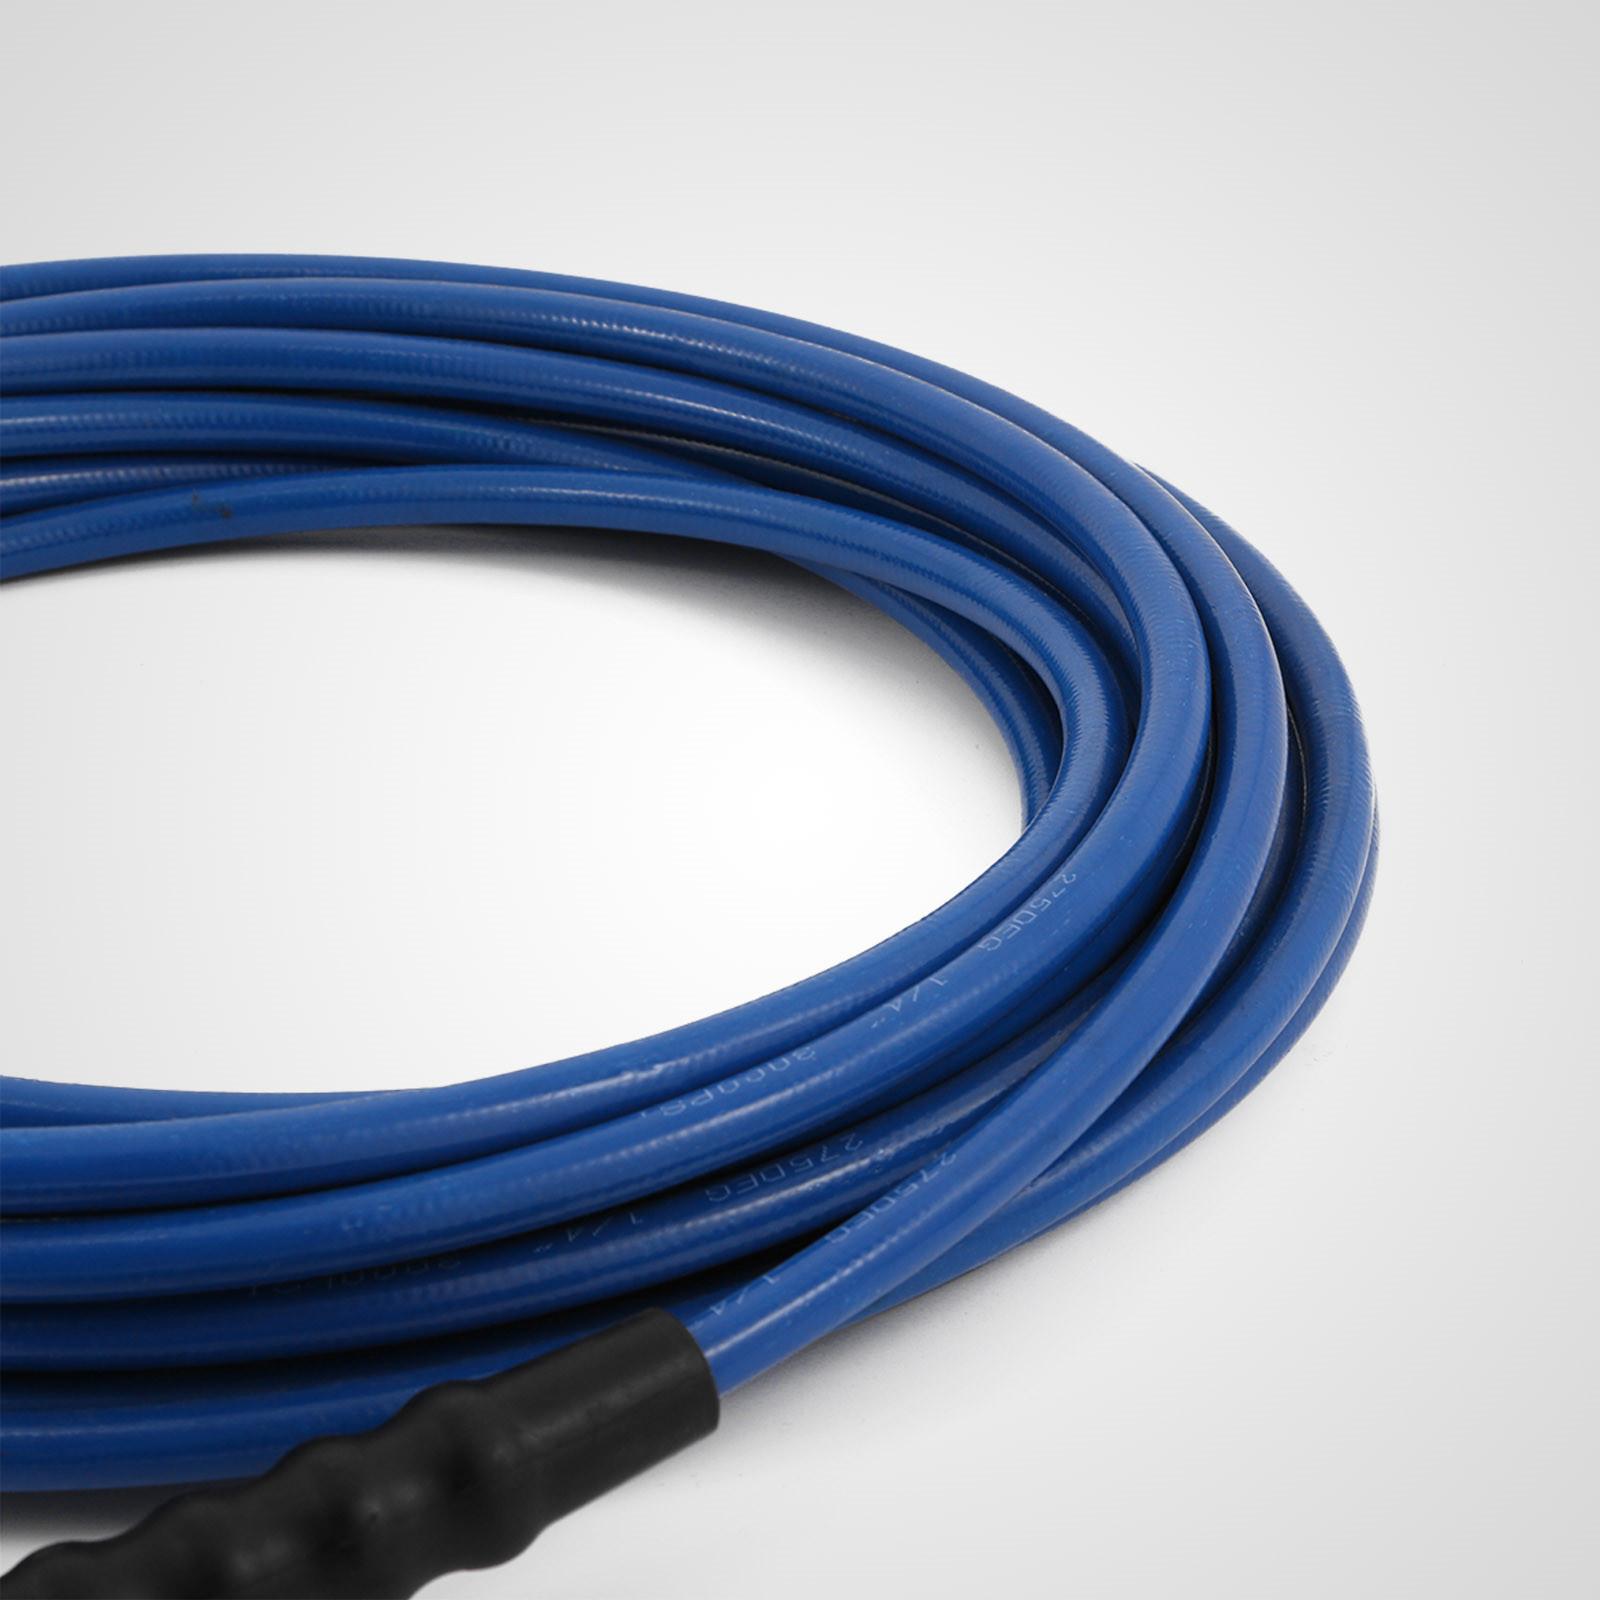 10.7mm JOBBER LENGTH DRILL BIT HSS M2 DIN338 EUROPA TOOL OSBORN 8208011070  P112